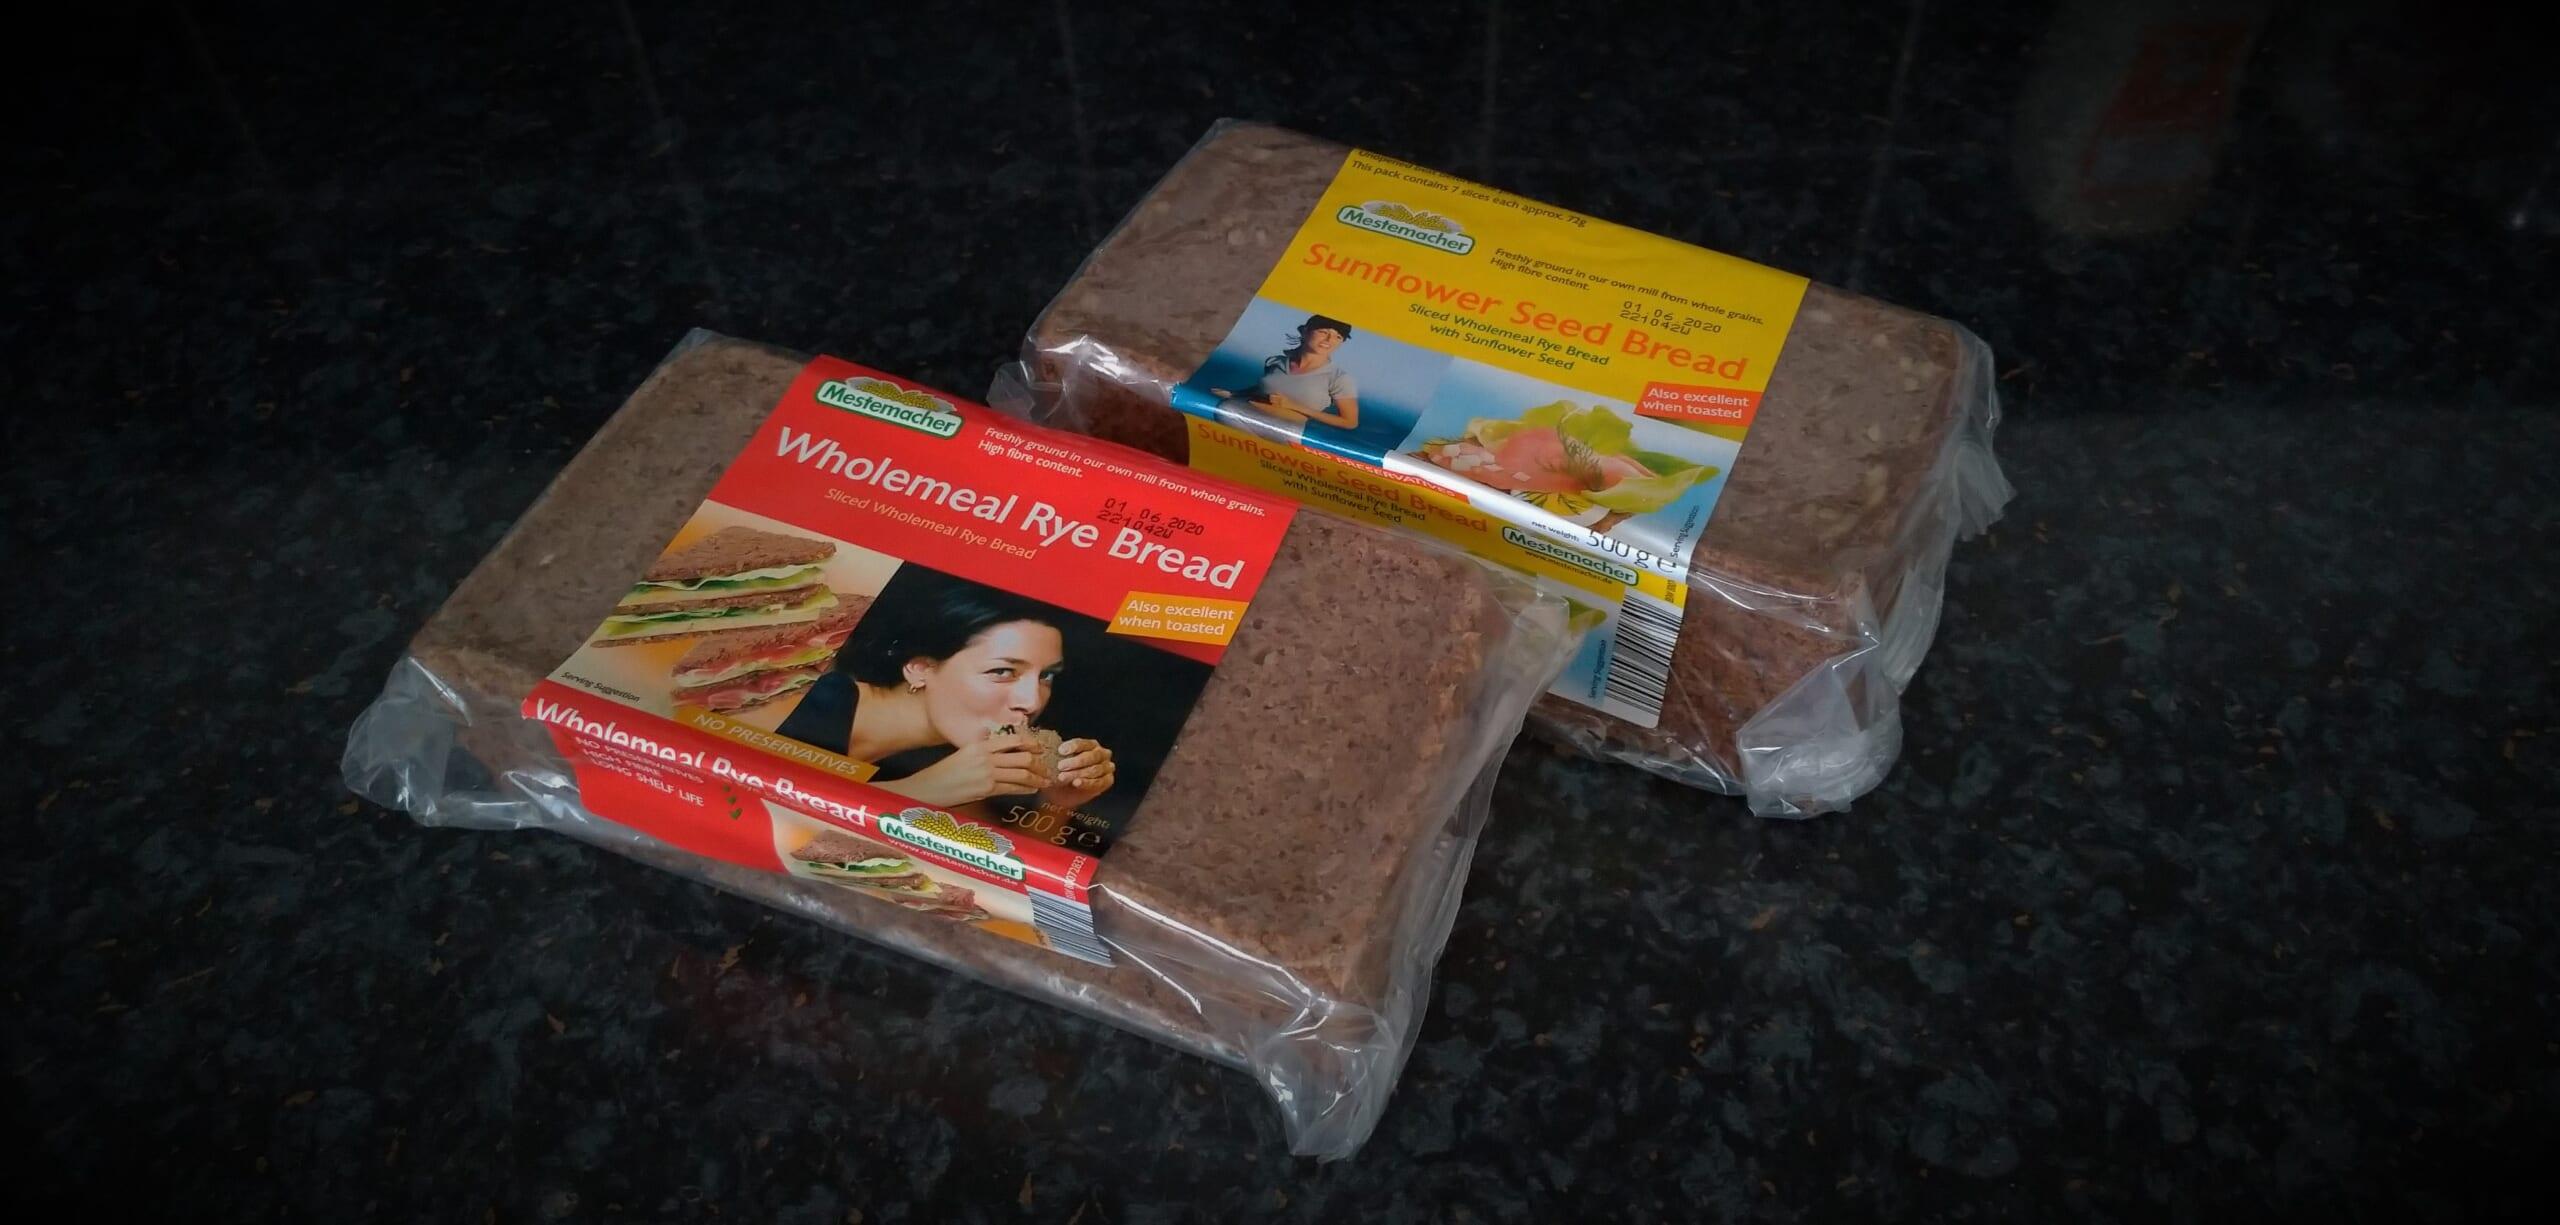 近所のALDIで見つけた、健康食の救世主 黒パン